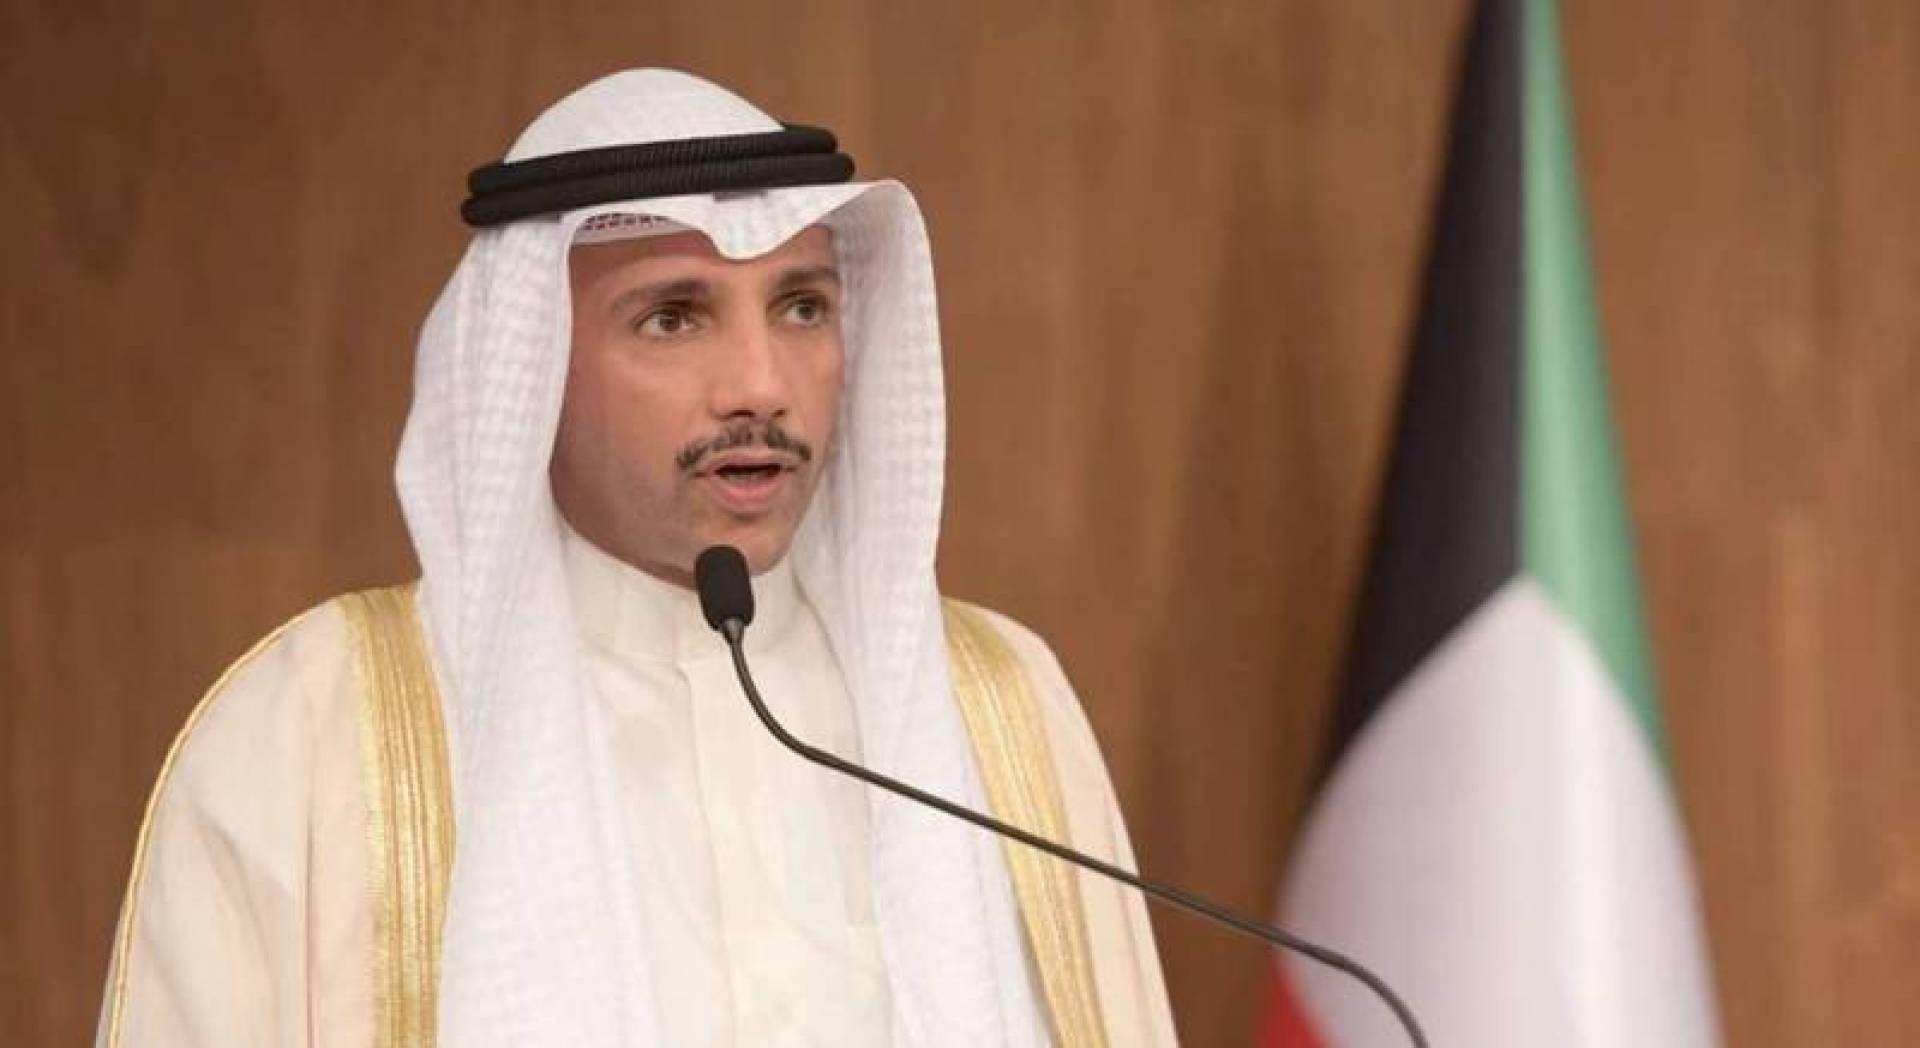 رئيس مجلس الأمة الكويتي: لا تسوية مقبولة من دون دولة فلسطينية كاملة السيادة